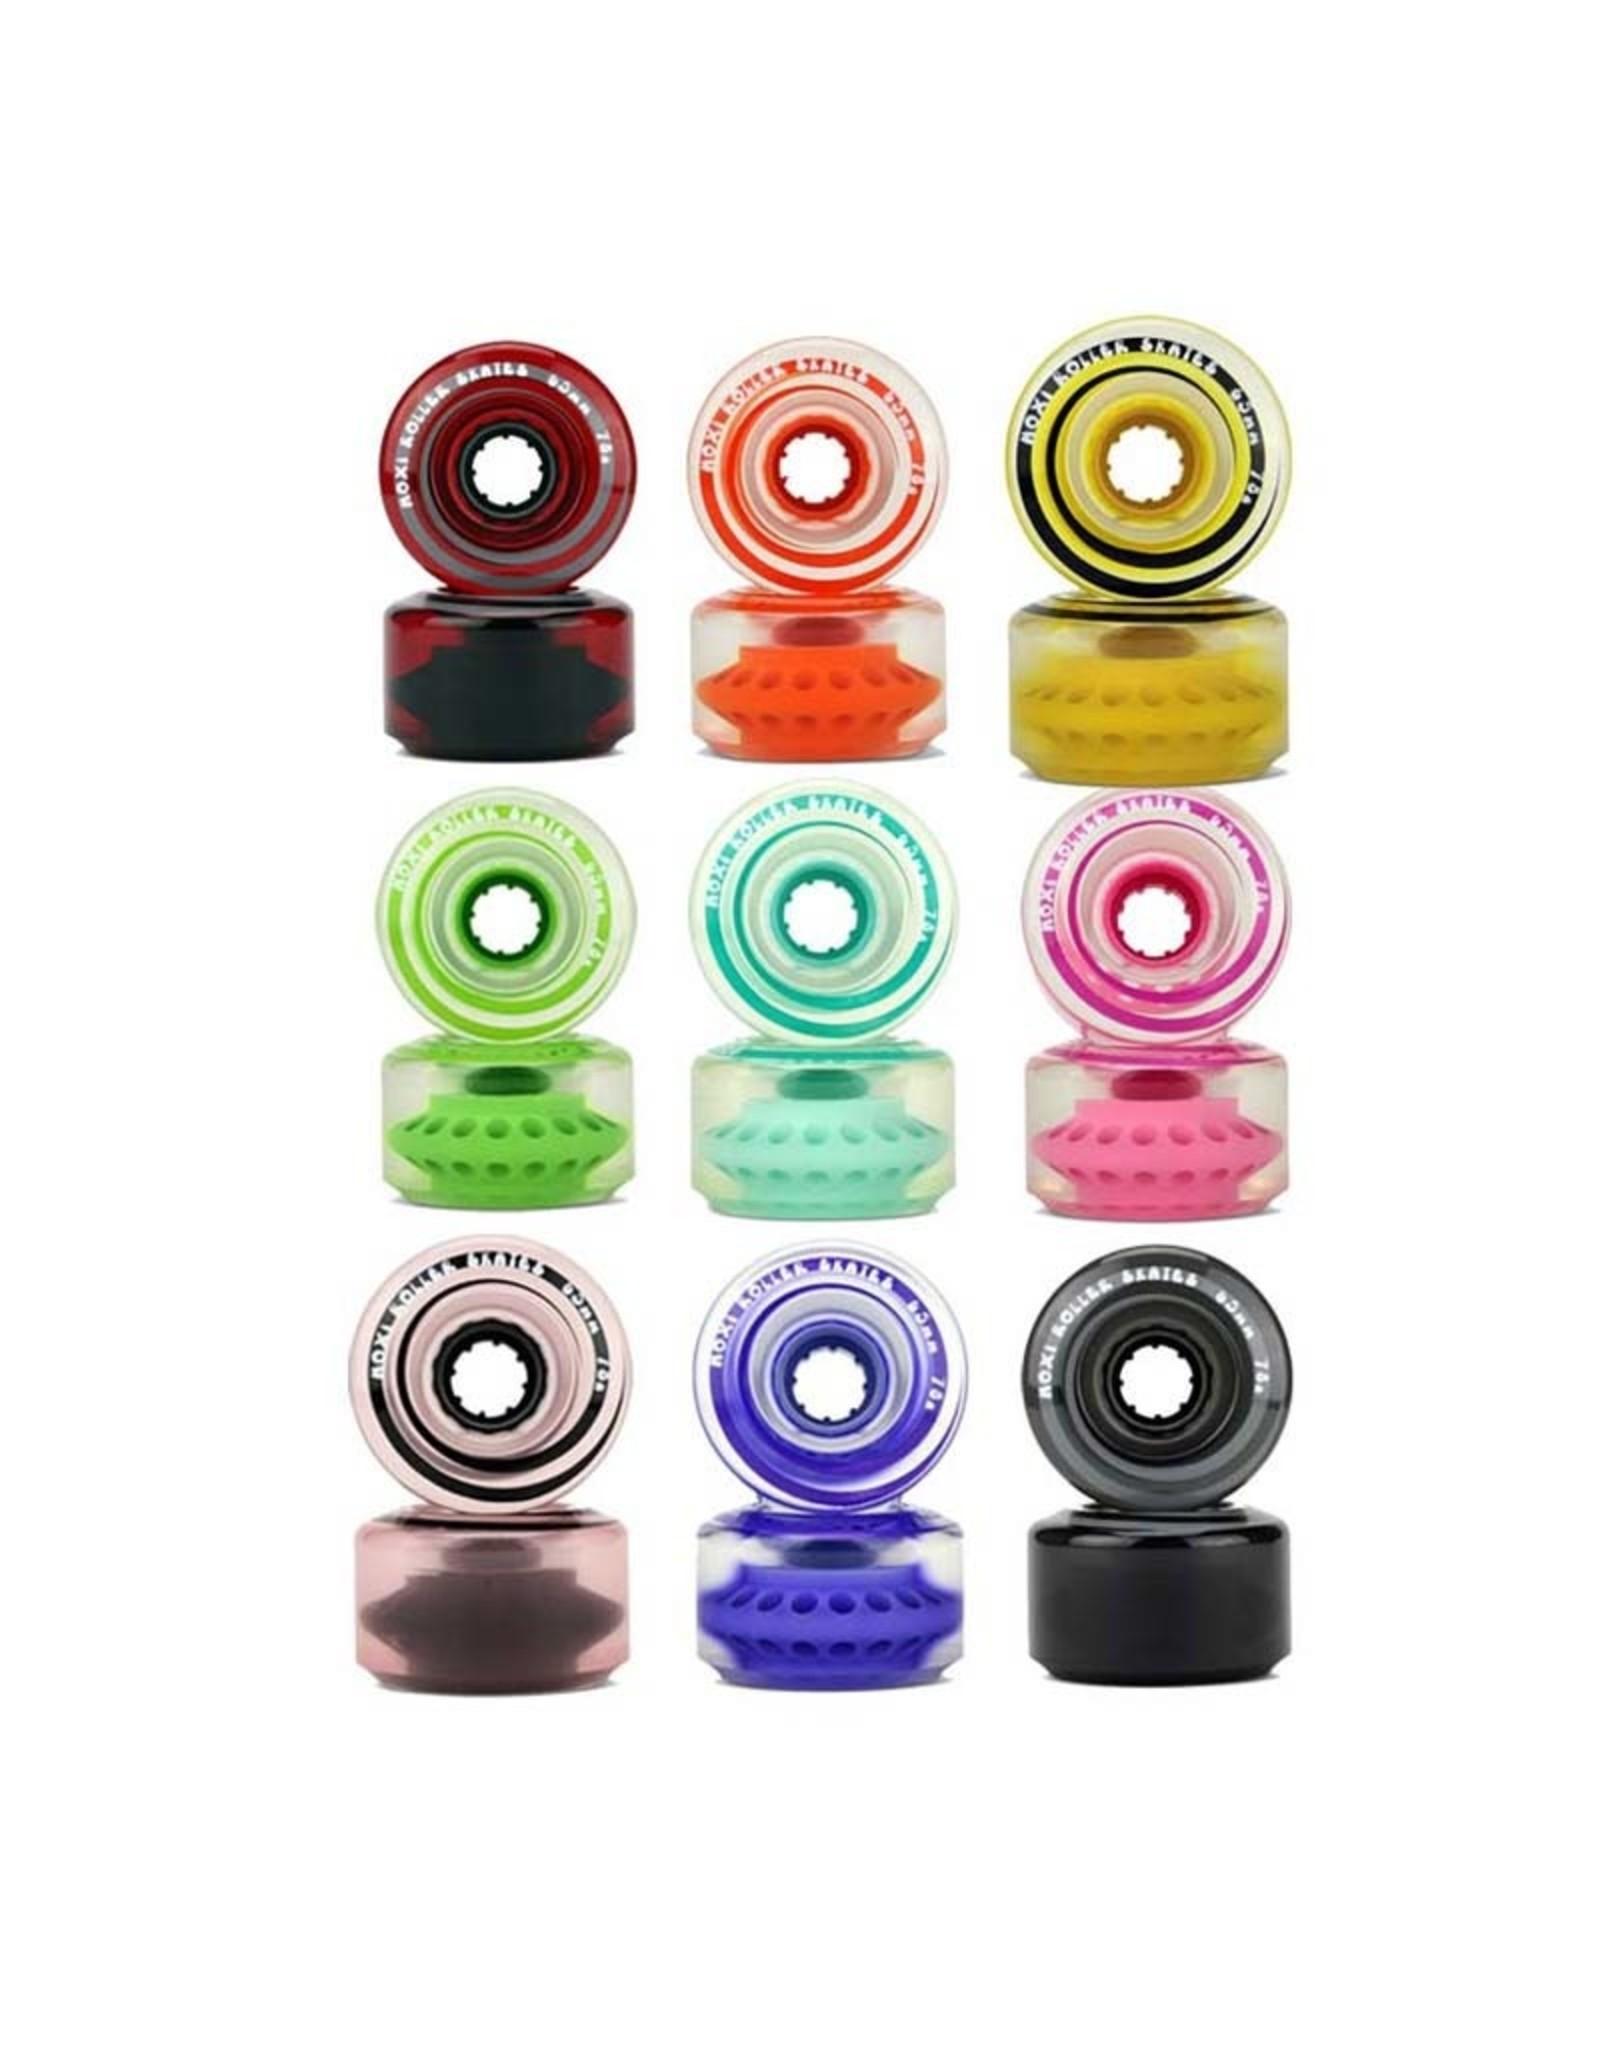 Moxi Moxi Outdoor Wheels, 4 Pack